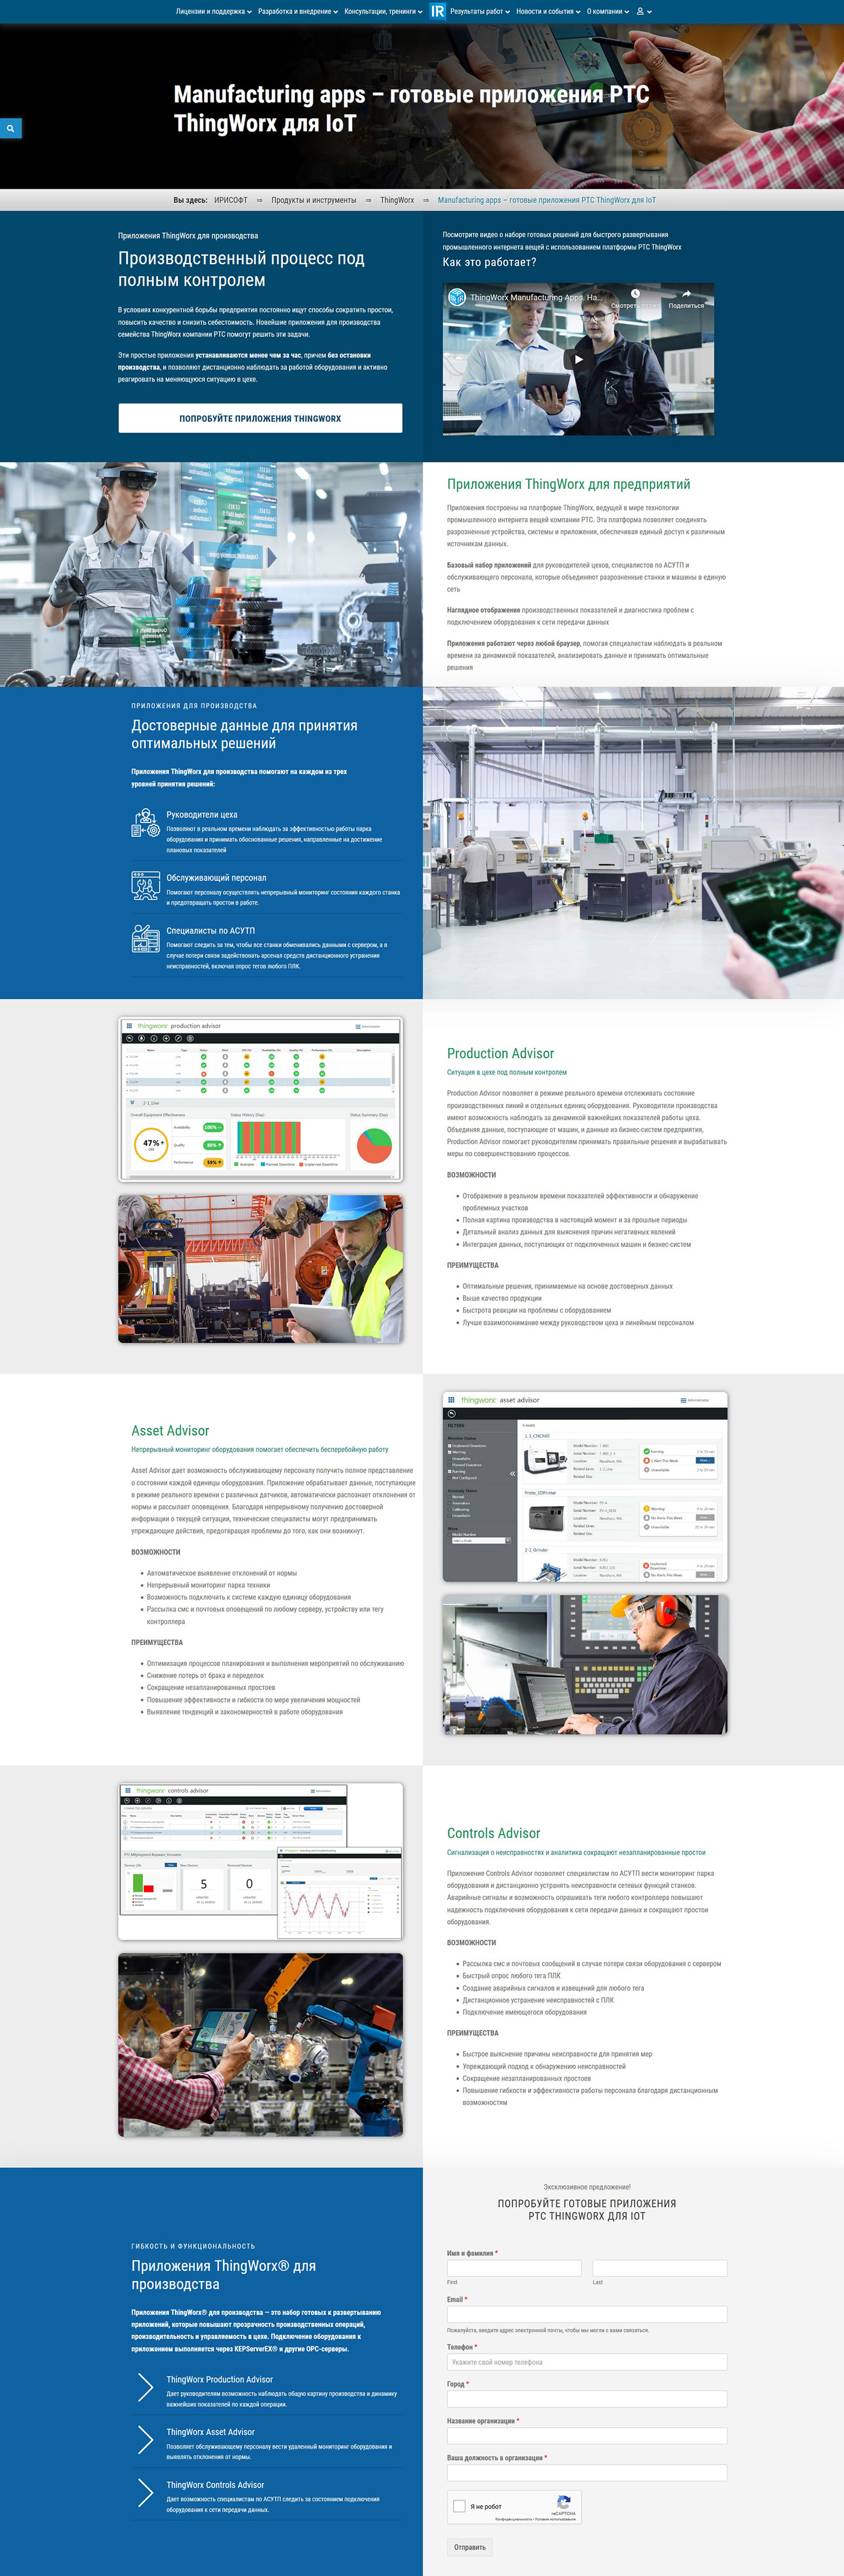 wordpress cms web development  Web Design  Корпоративный сайт сайт на WordPress